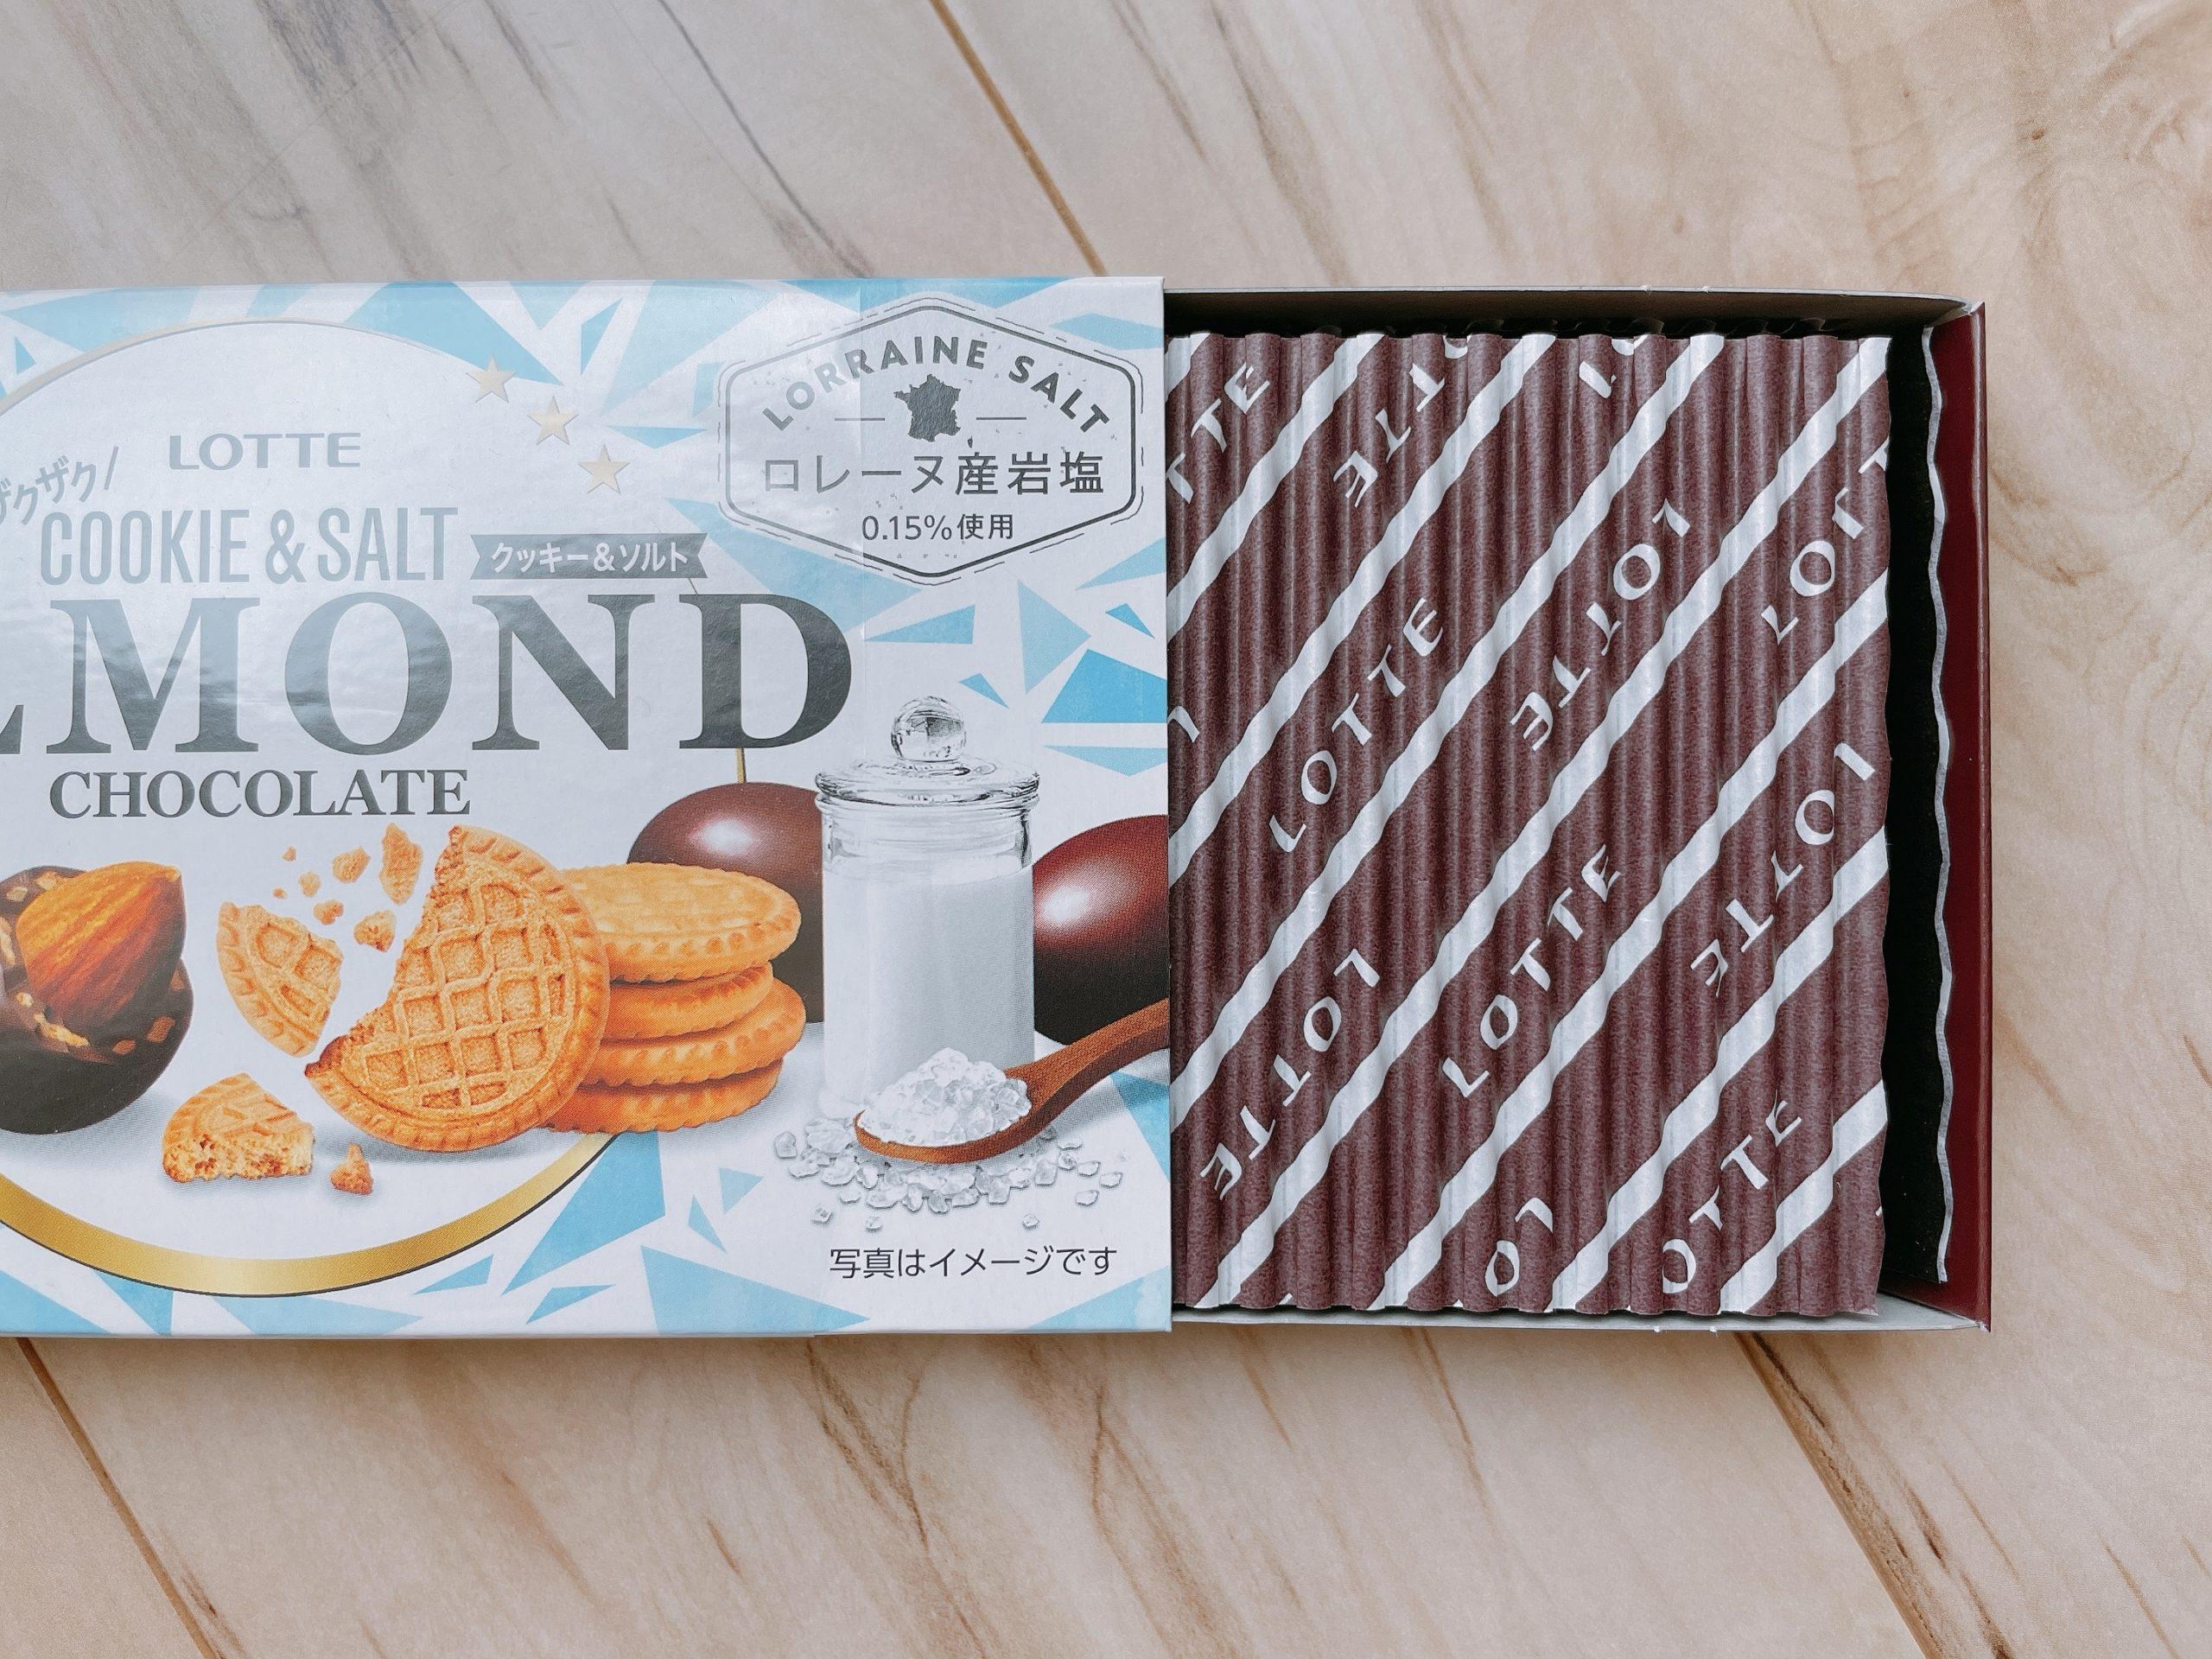 アーモンドチョコレート<クッキー&ソルト>開封